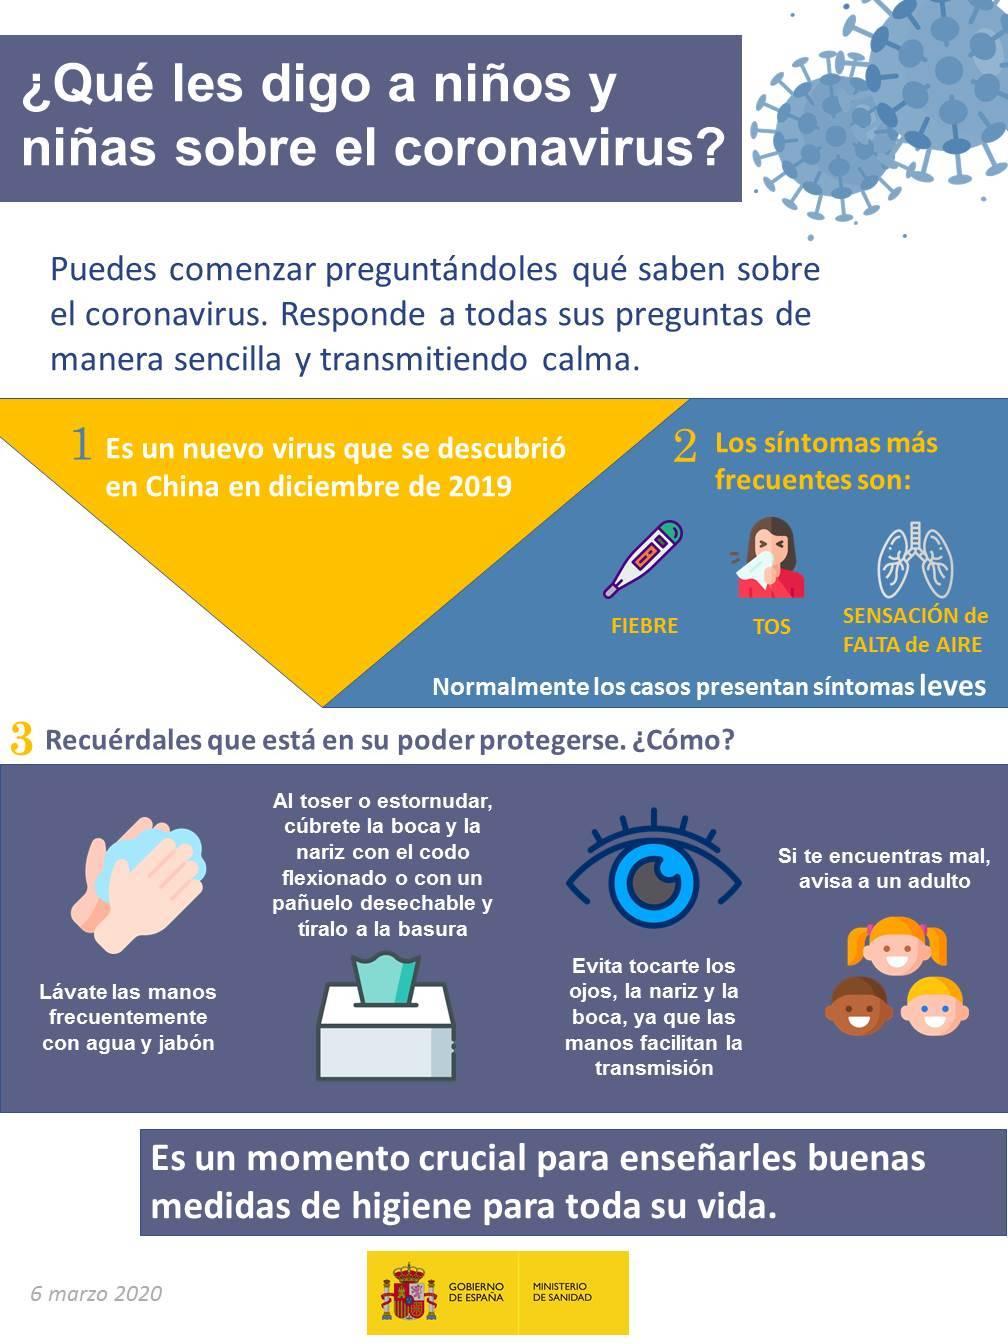 Recomendaciones del Ministerio de Sanidad para explicar la epidemia a los niños y niñas.